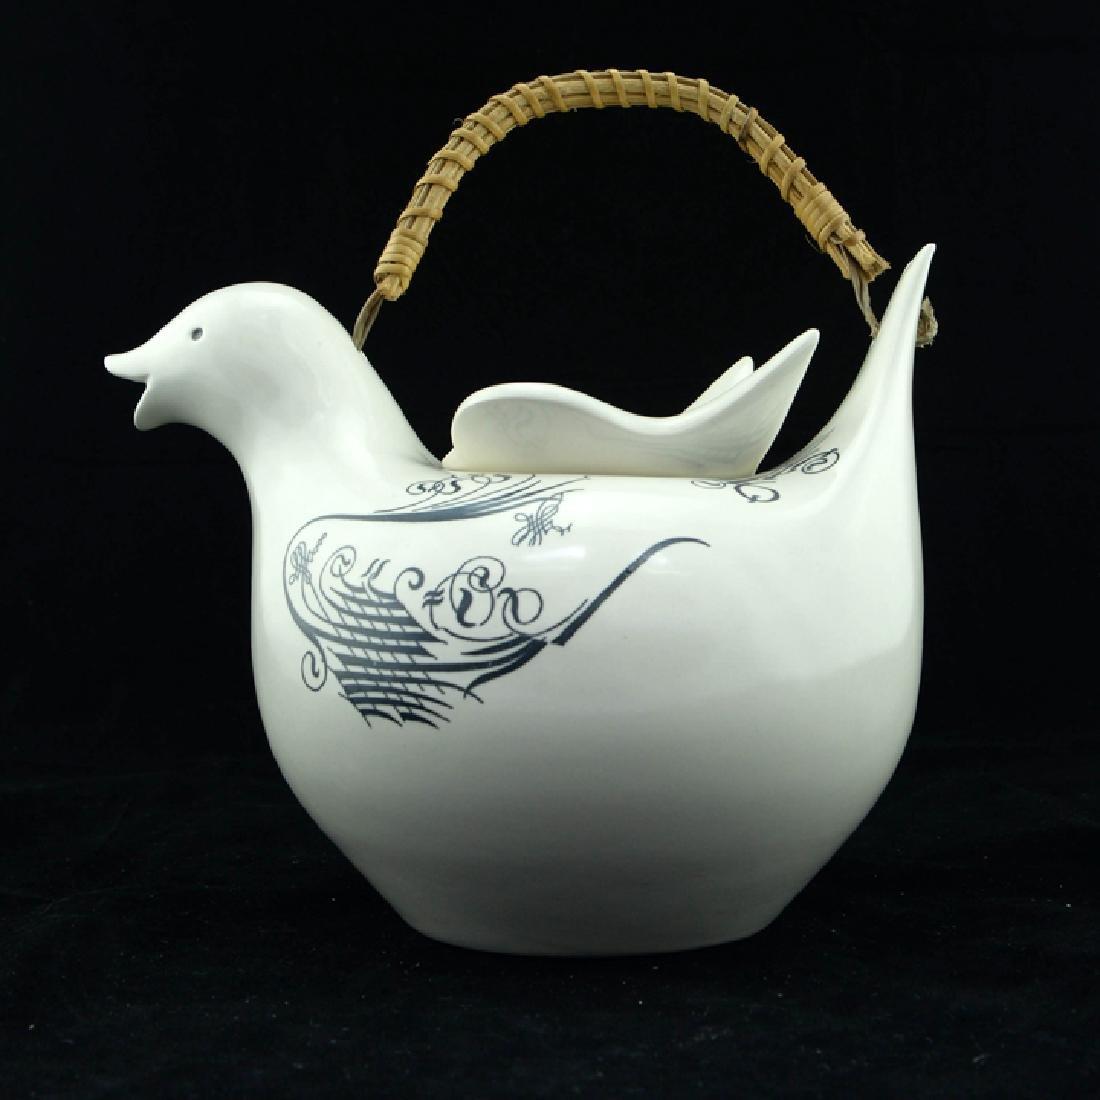 Zeisel Schmid Lyric Bird-Form Teapot - 3